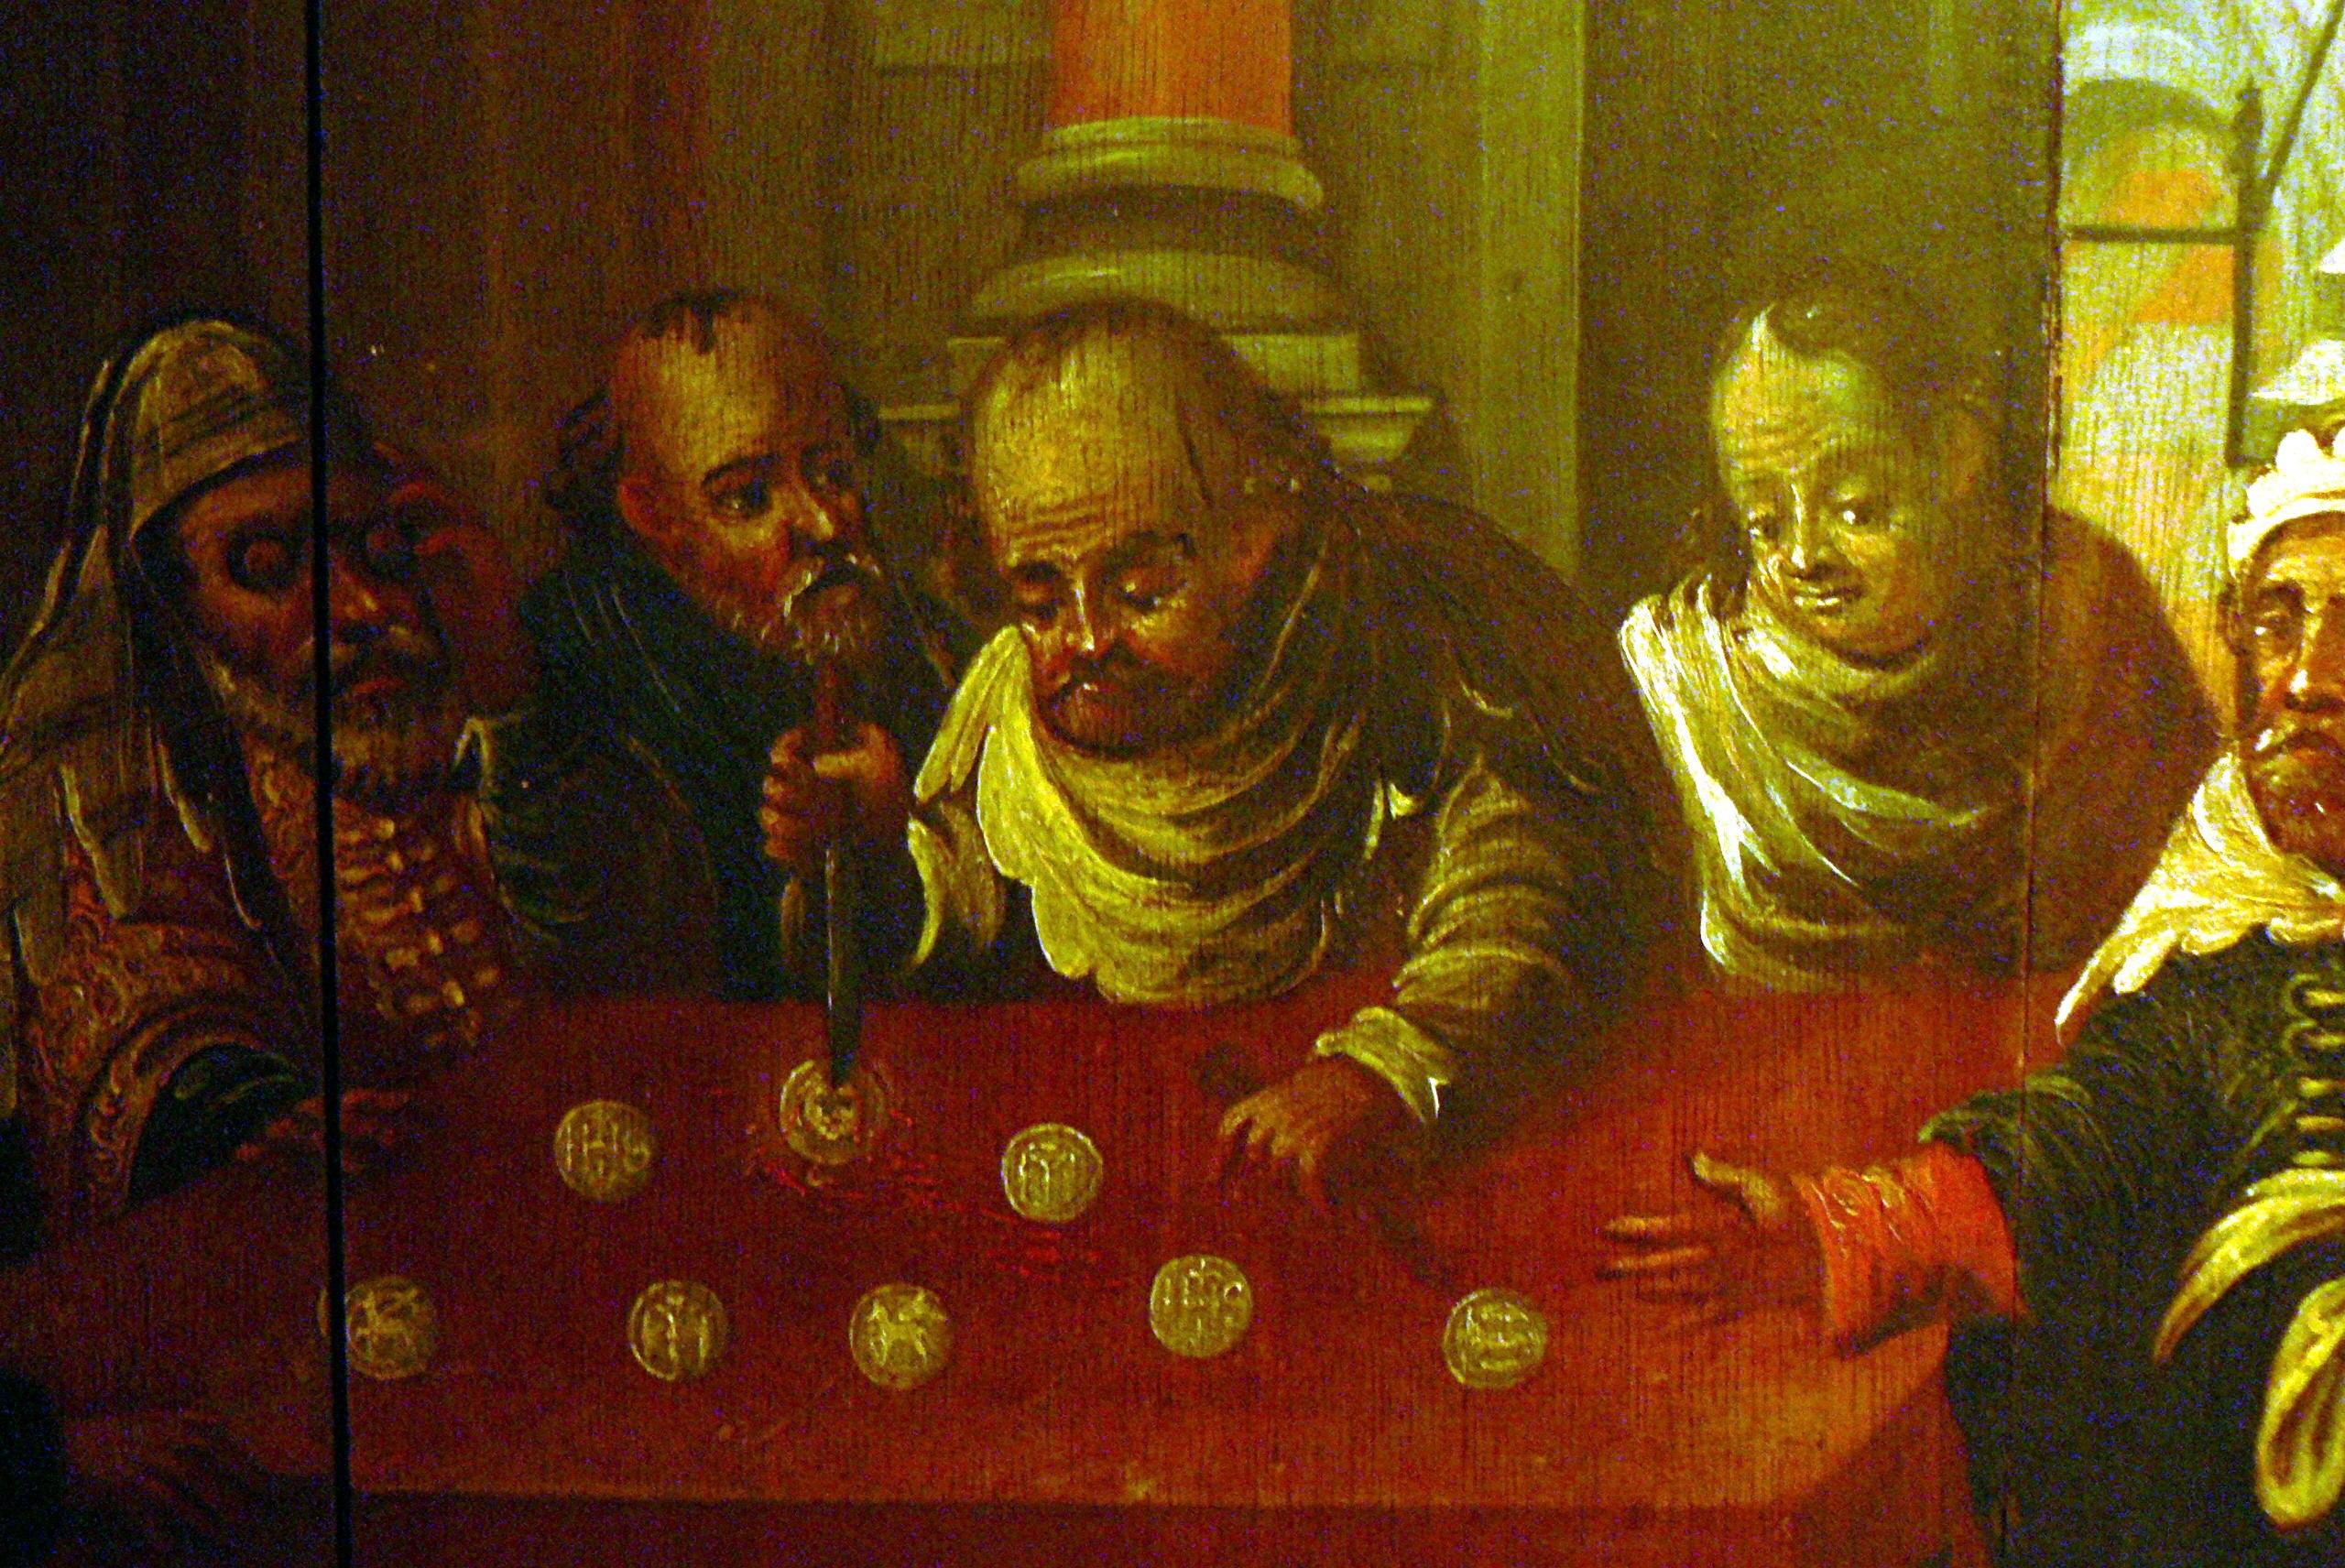 Obraz ukazujący profanację hostii przez Żydów w niemieckim Passau (fot. wikimedia.org / http://bit.ly/1RXdE4r)